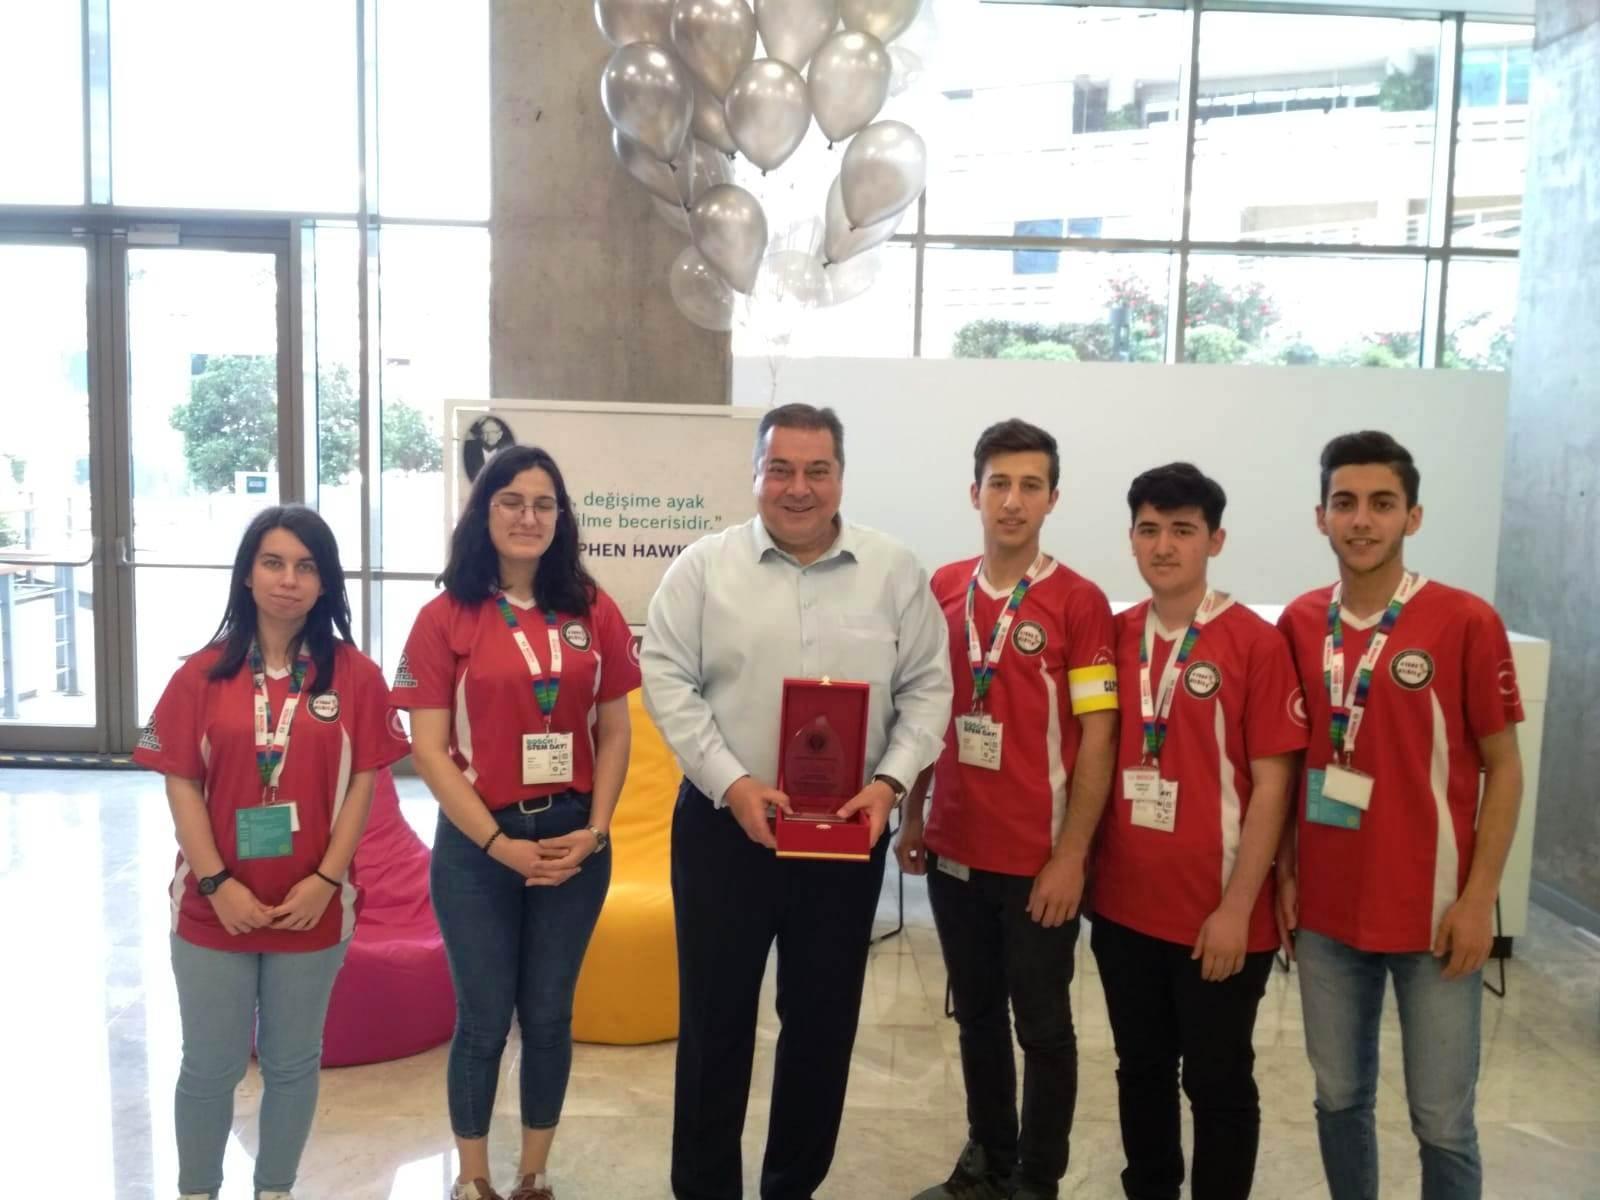 22 Mayıs 'ta gerçekleşen Bosch STEM Day'de lise ve üniversite öğrencilerini Küçükyalı Genel Merkezinde ağırladı. Bosch Türkiye ve Orta Doğu başkanı Steven Young ve İstanbul Bosch 'dan Gökhan Tunçdöken 'ın da konuşmacı olarak katıldığı etkinlik, öğrencilerin kafalarında farklı bir ufuk açtı. Üniversite ve lise öğrencileri ile firmanın yetkili isimlerini bir araya getirdikleri etkinlikte, farklı çalışmalarla iş birliğinin, proje yönetiminin ve farklı disiplinlerde iş akışının nasıl yürütüldüğü, bir firma anlayışı ile öğrencilere verildi. Verilen desteğin sürekliliği konusunda sözünü aldığımız STEM Day 'e Atatürk MTAL FRC Nilüfer Team olarak katılmaktan çok onur duyduk. Teşekkürler Bosch! …